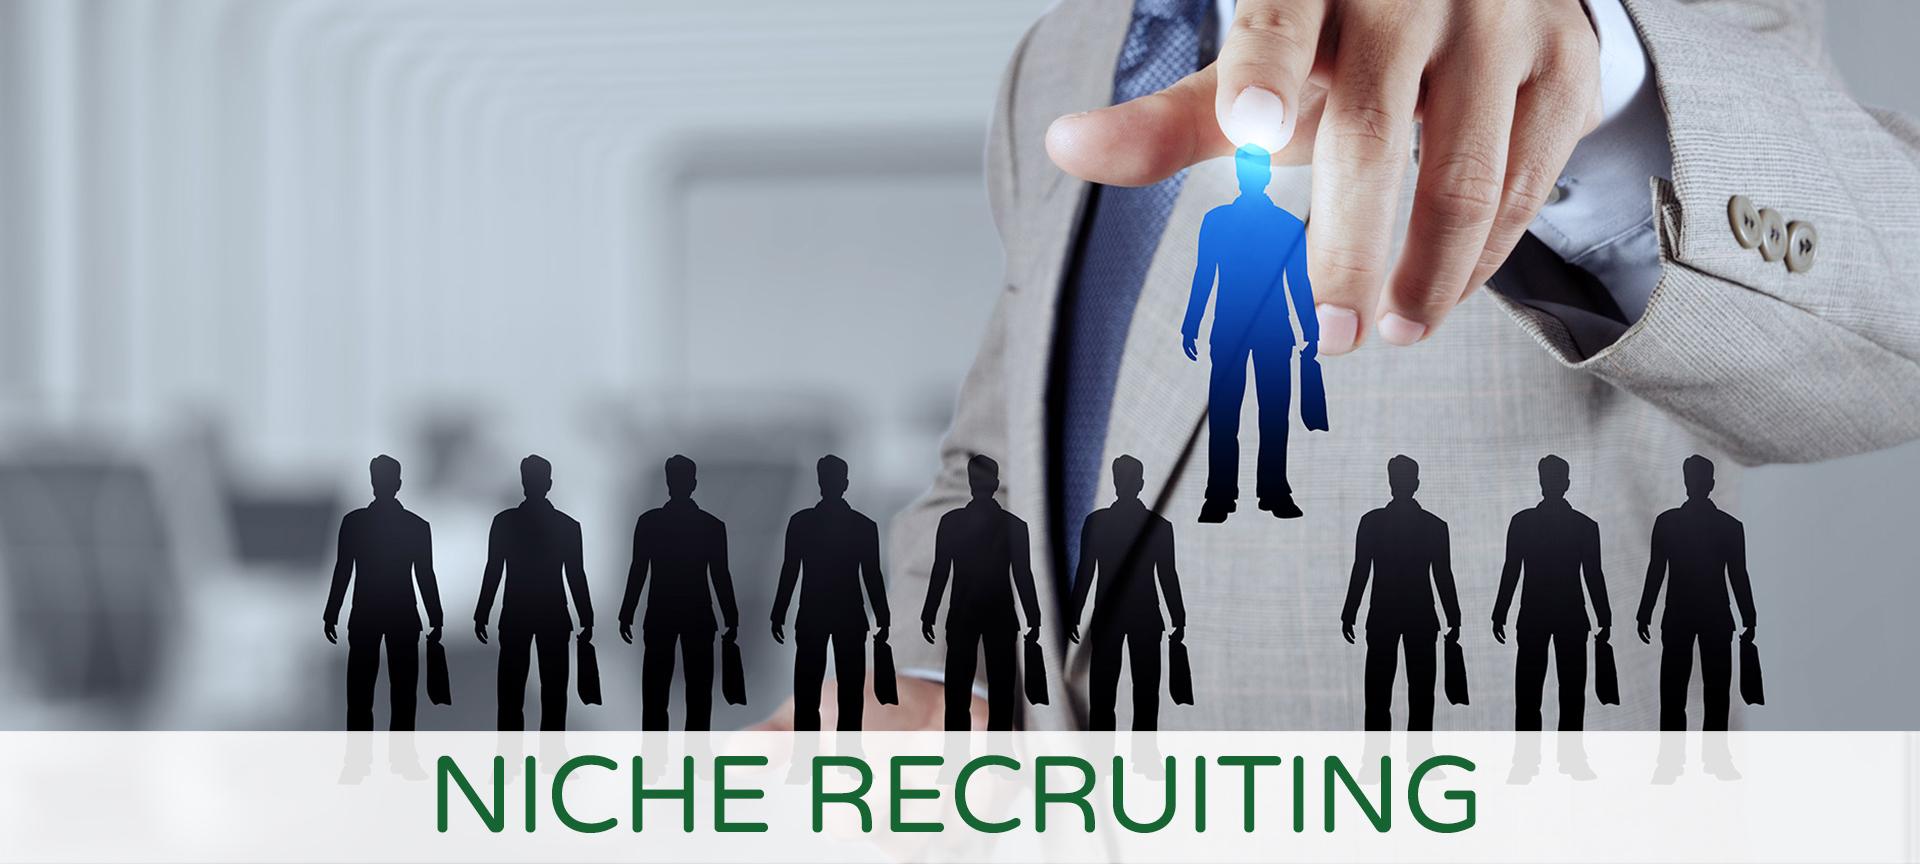 Nicherecruiting.jpg